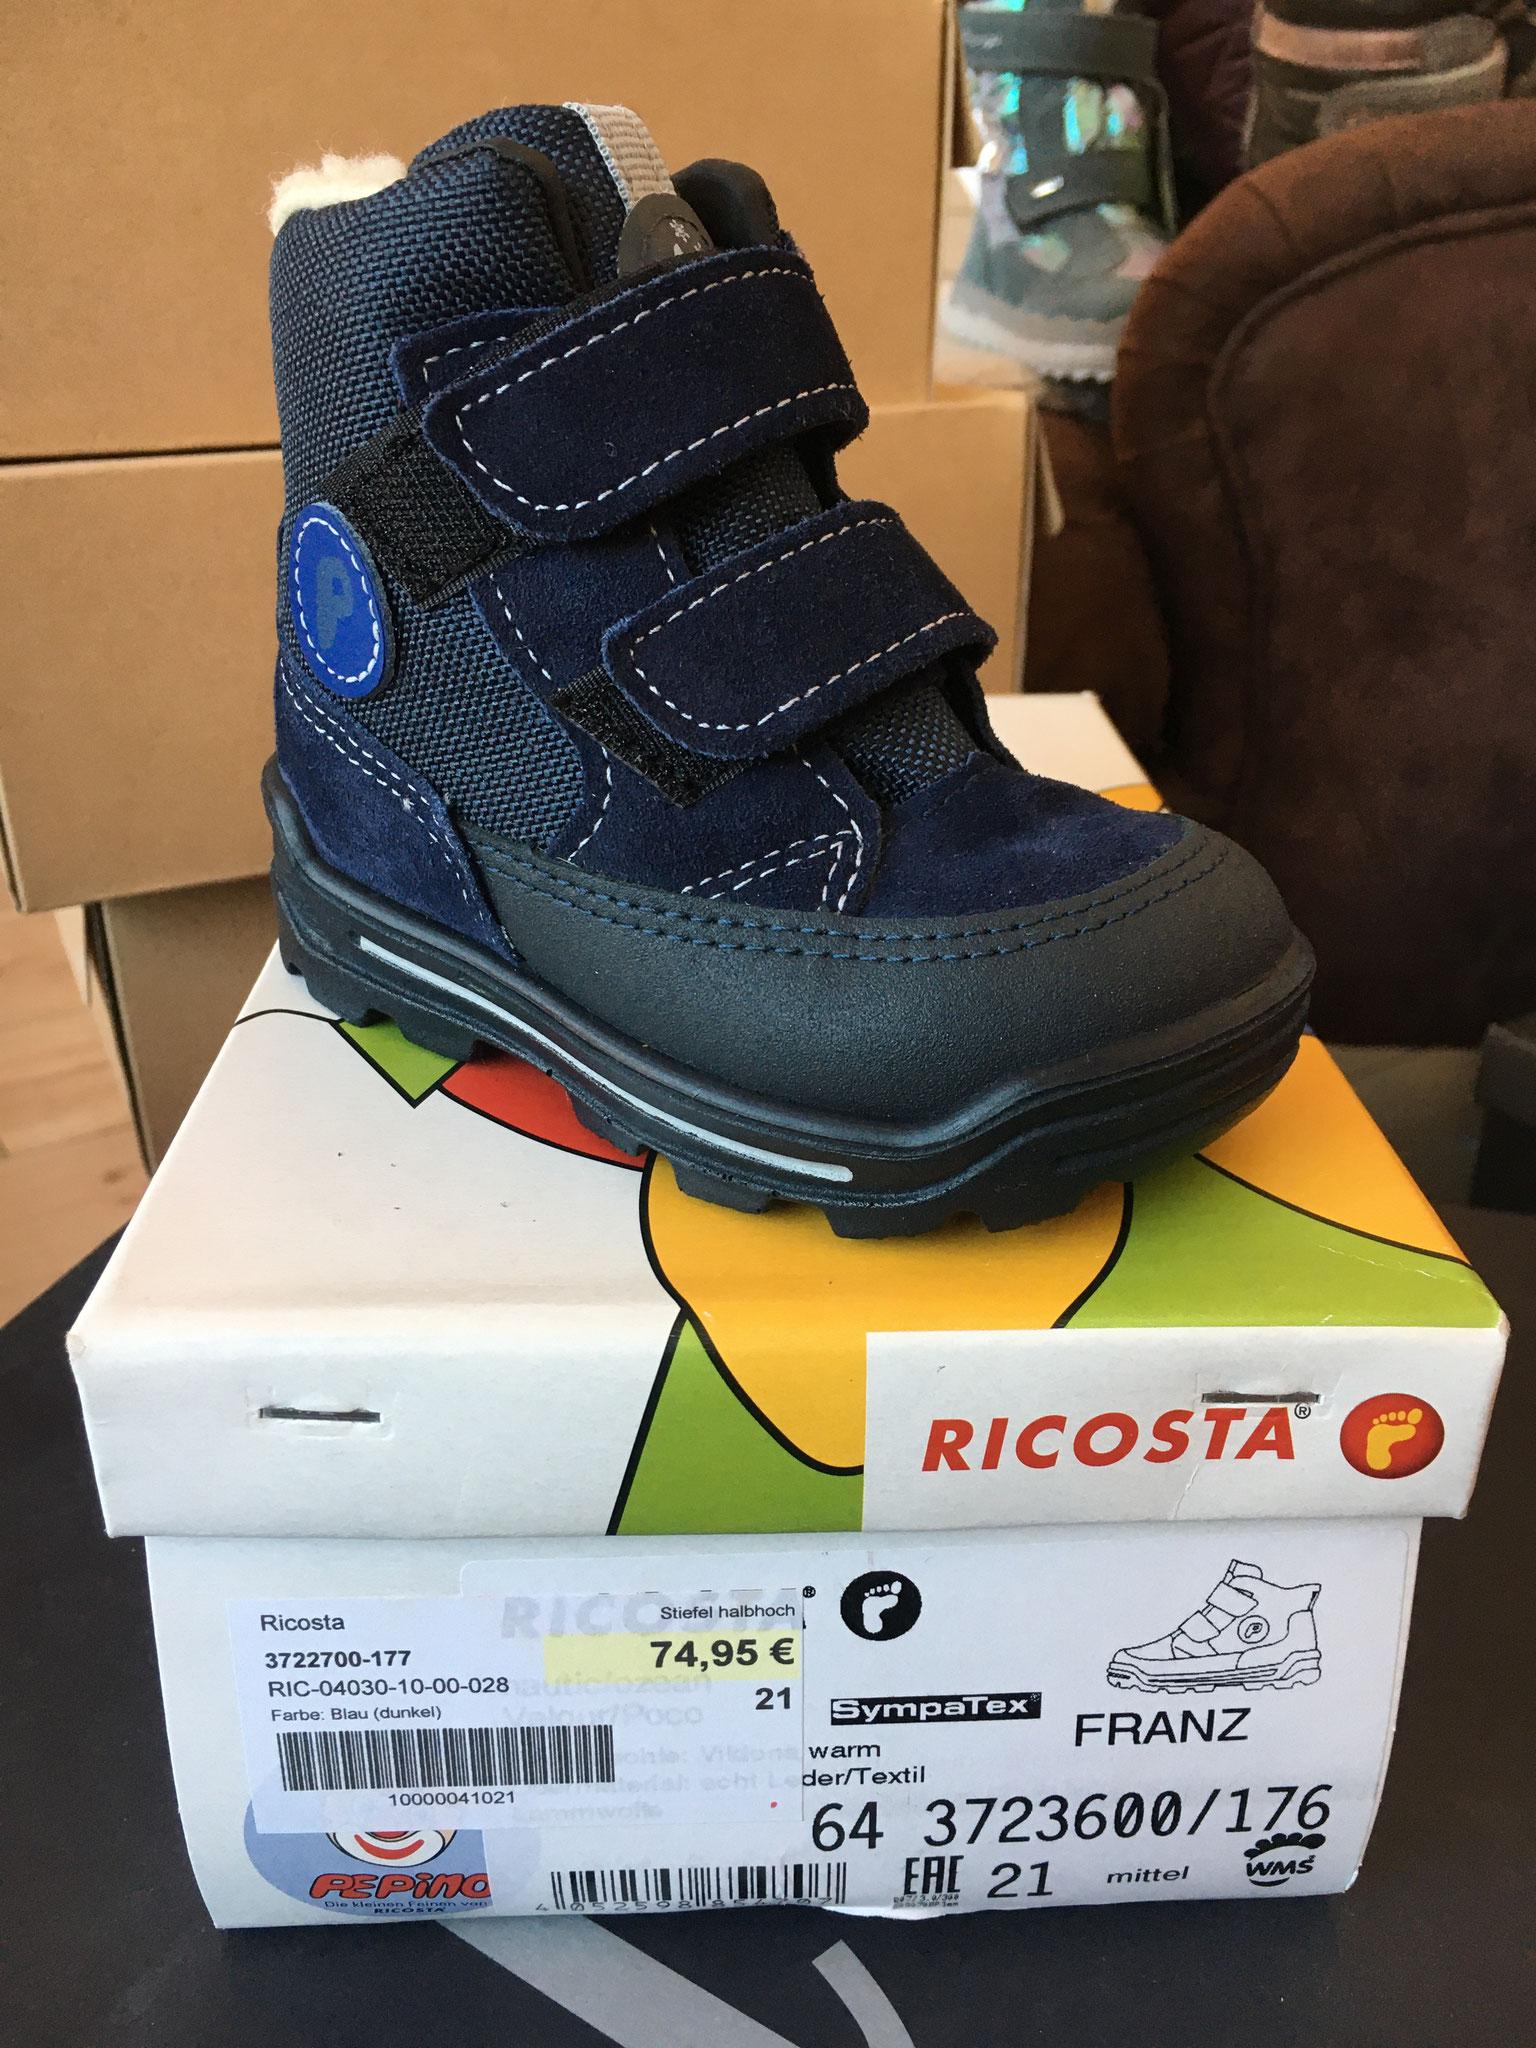 Ricosta - Größe 21 - jetzt 24,90 €